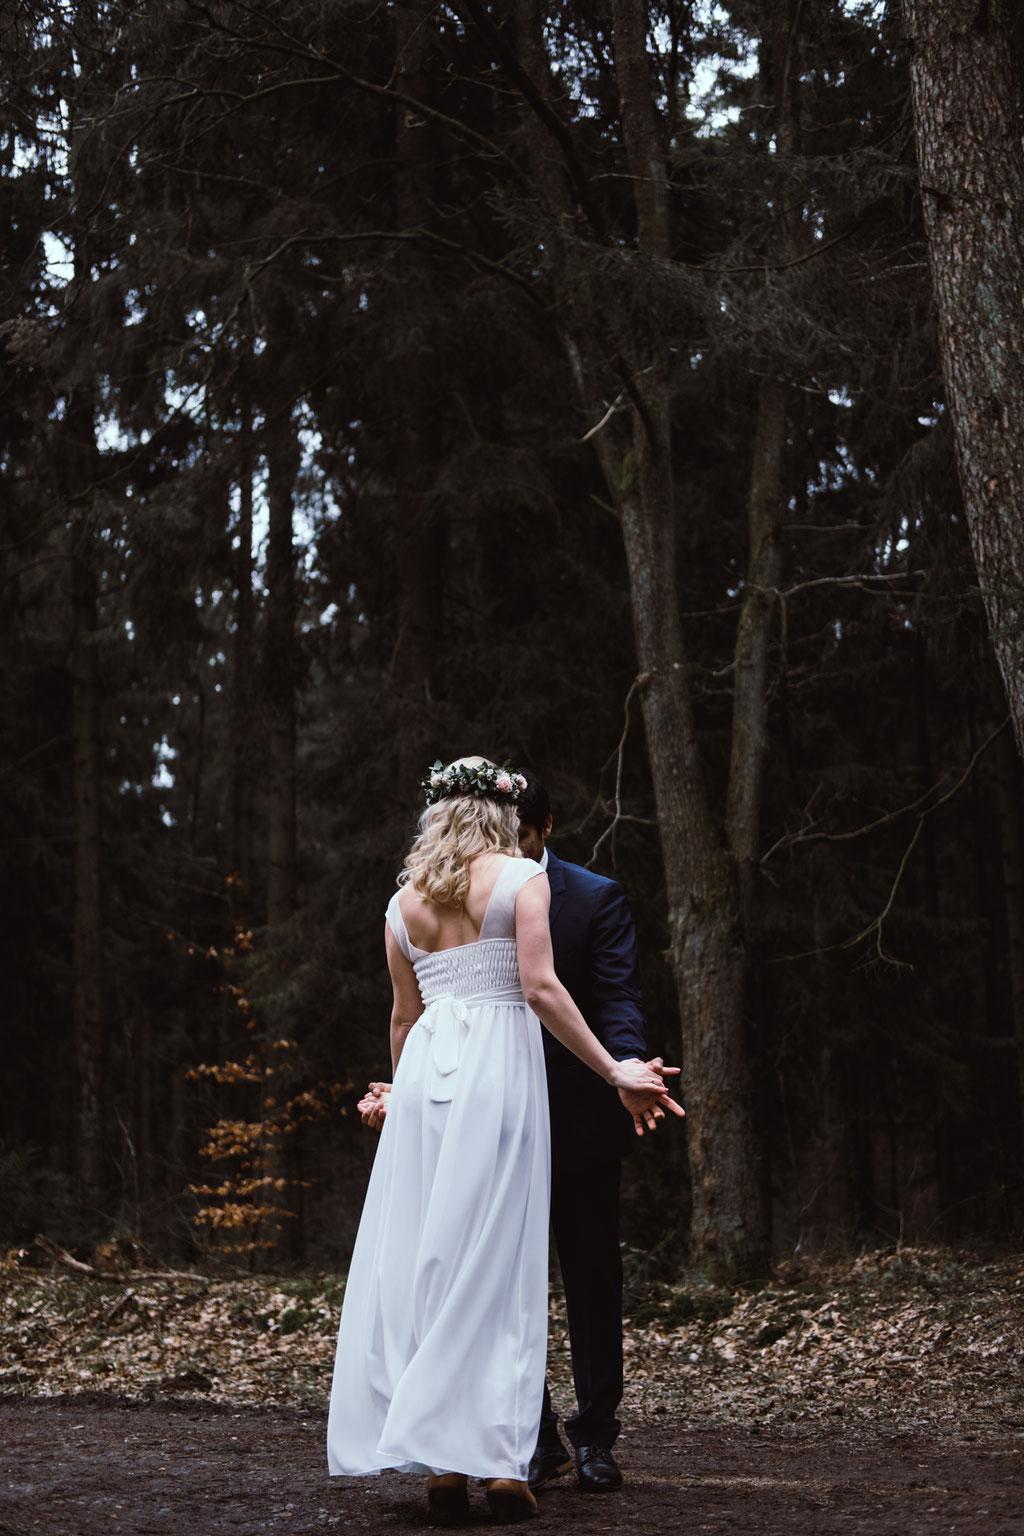 Brautpaar tanzt im Wald